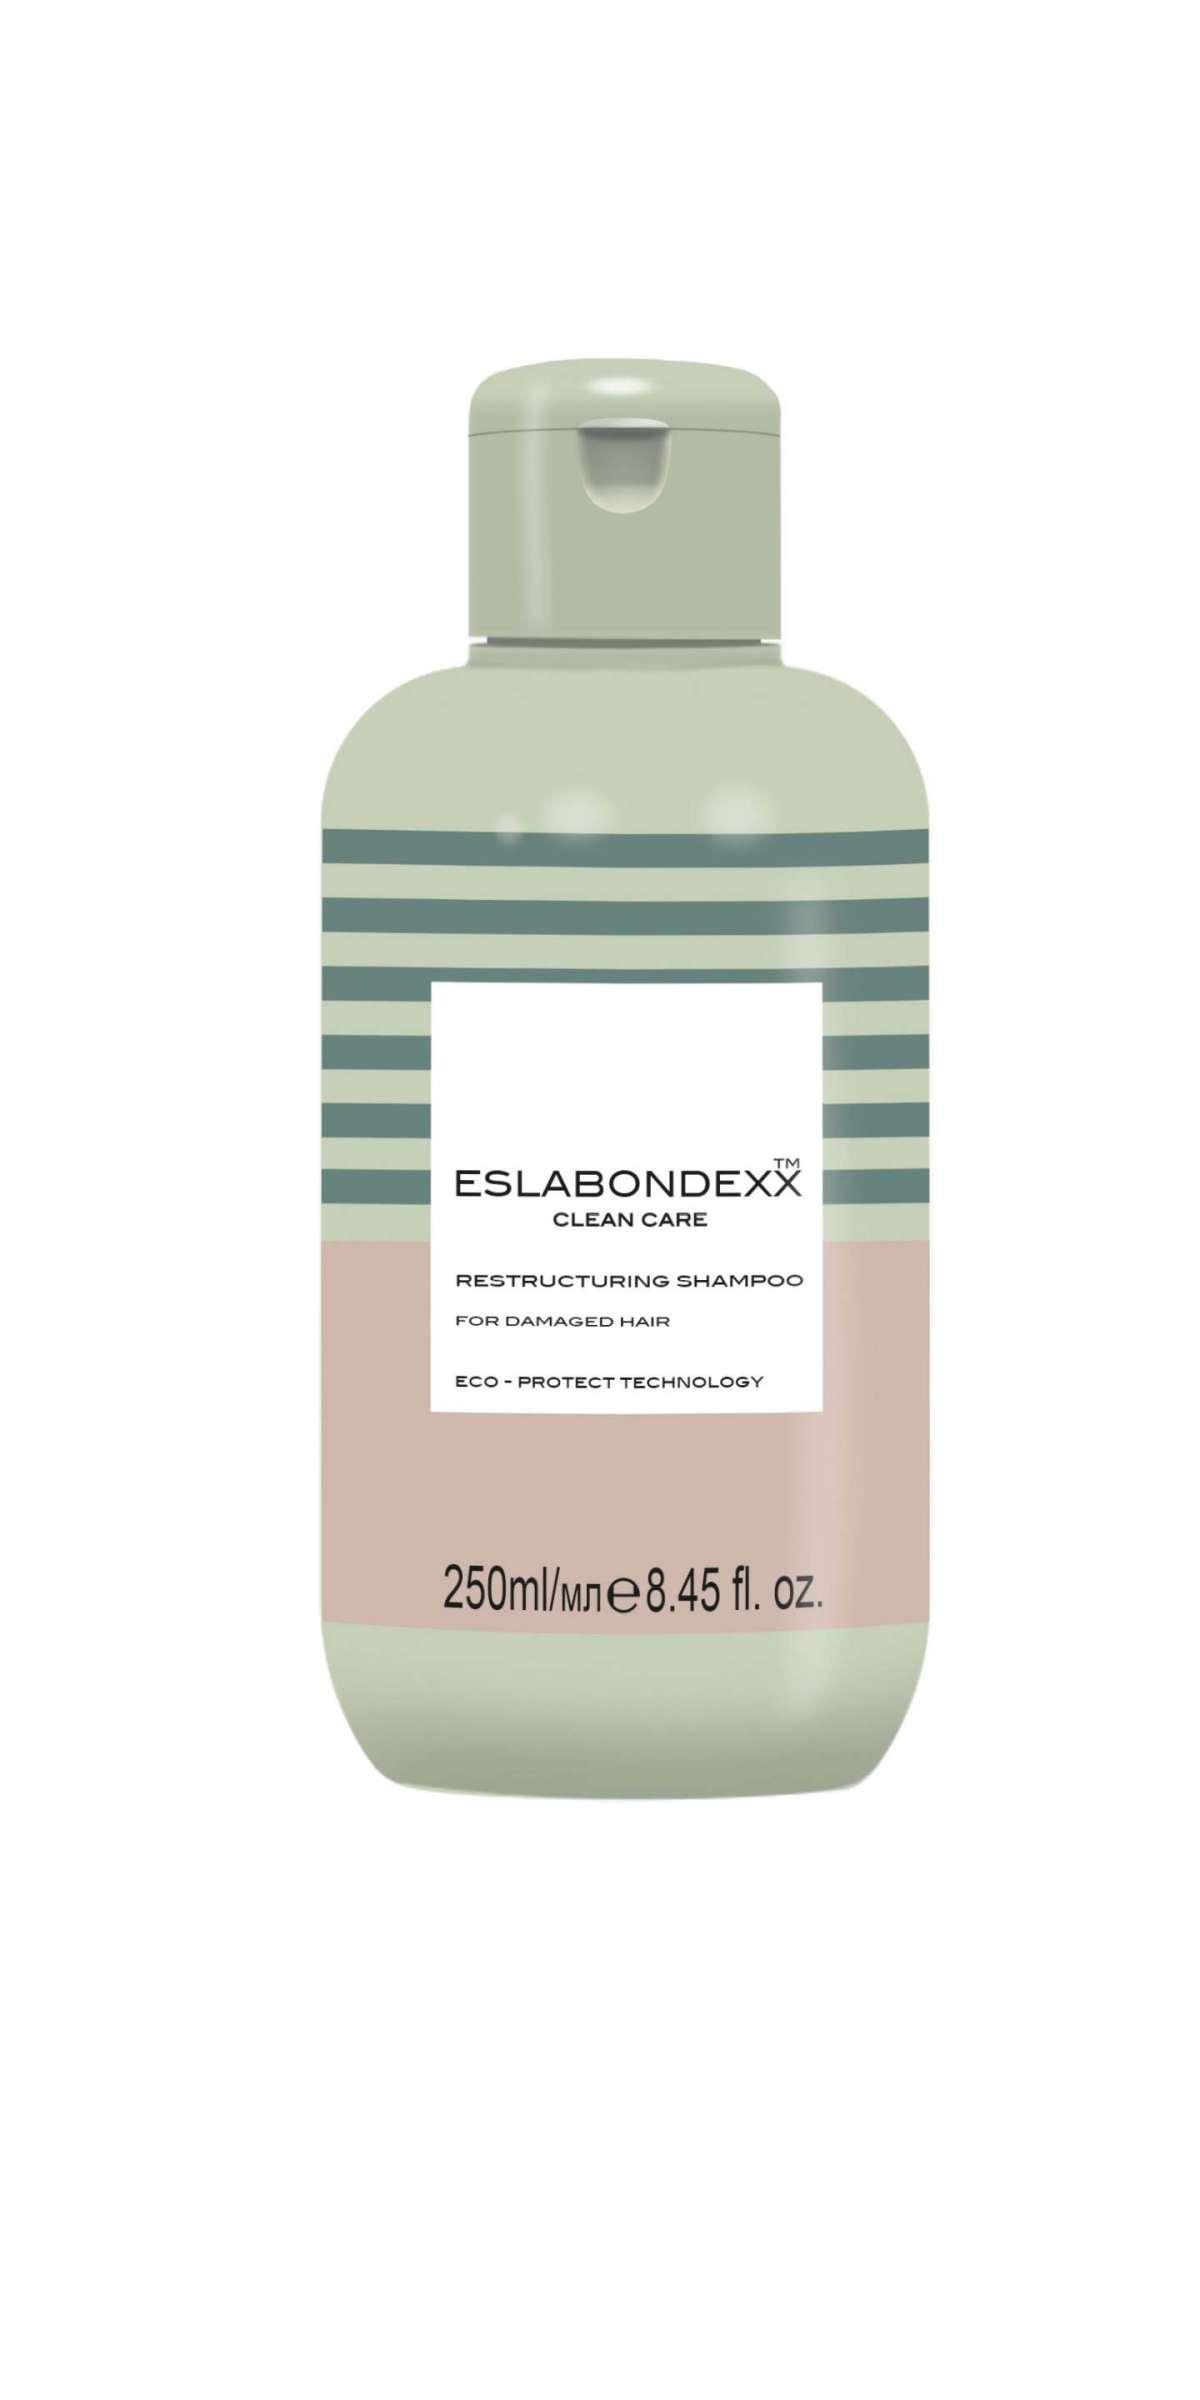 Eslabondexx Clean Care Restructuring shampoo